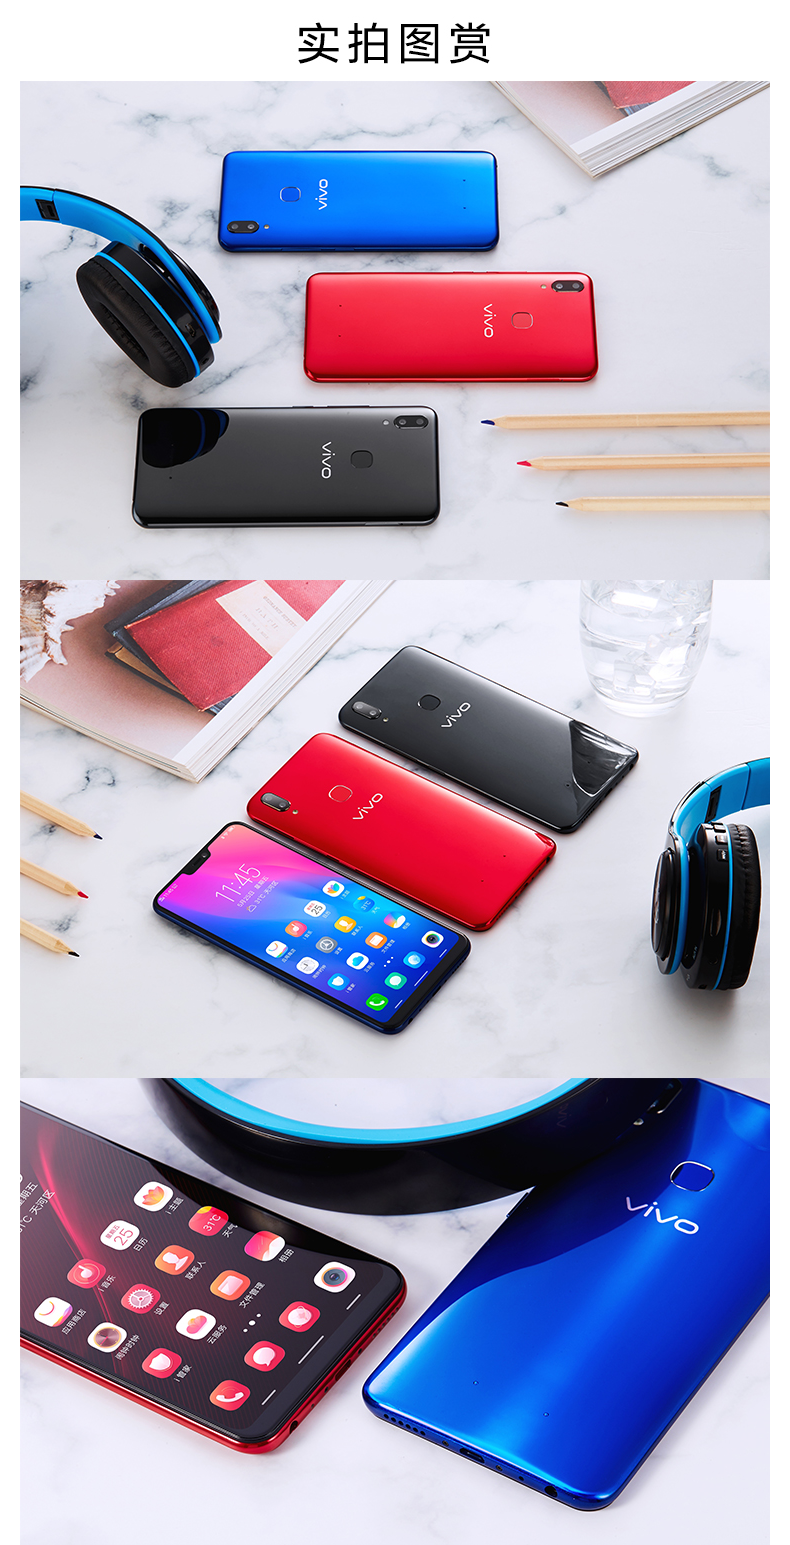 Điện thoại Vivo Z1 chính hãng, phiên bản giới hạn